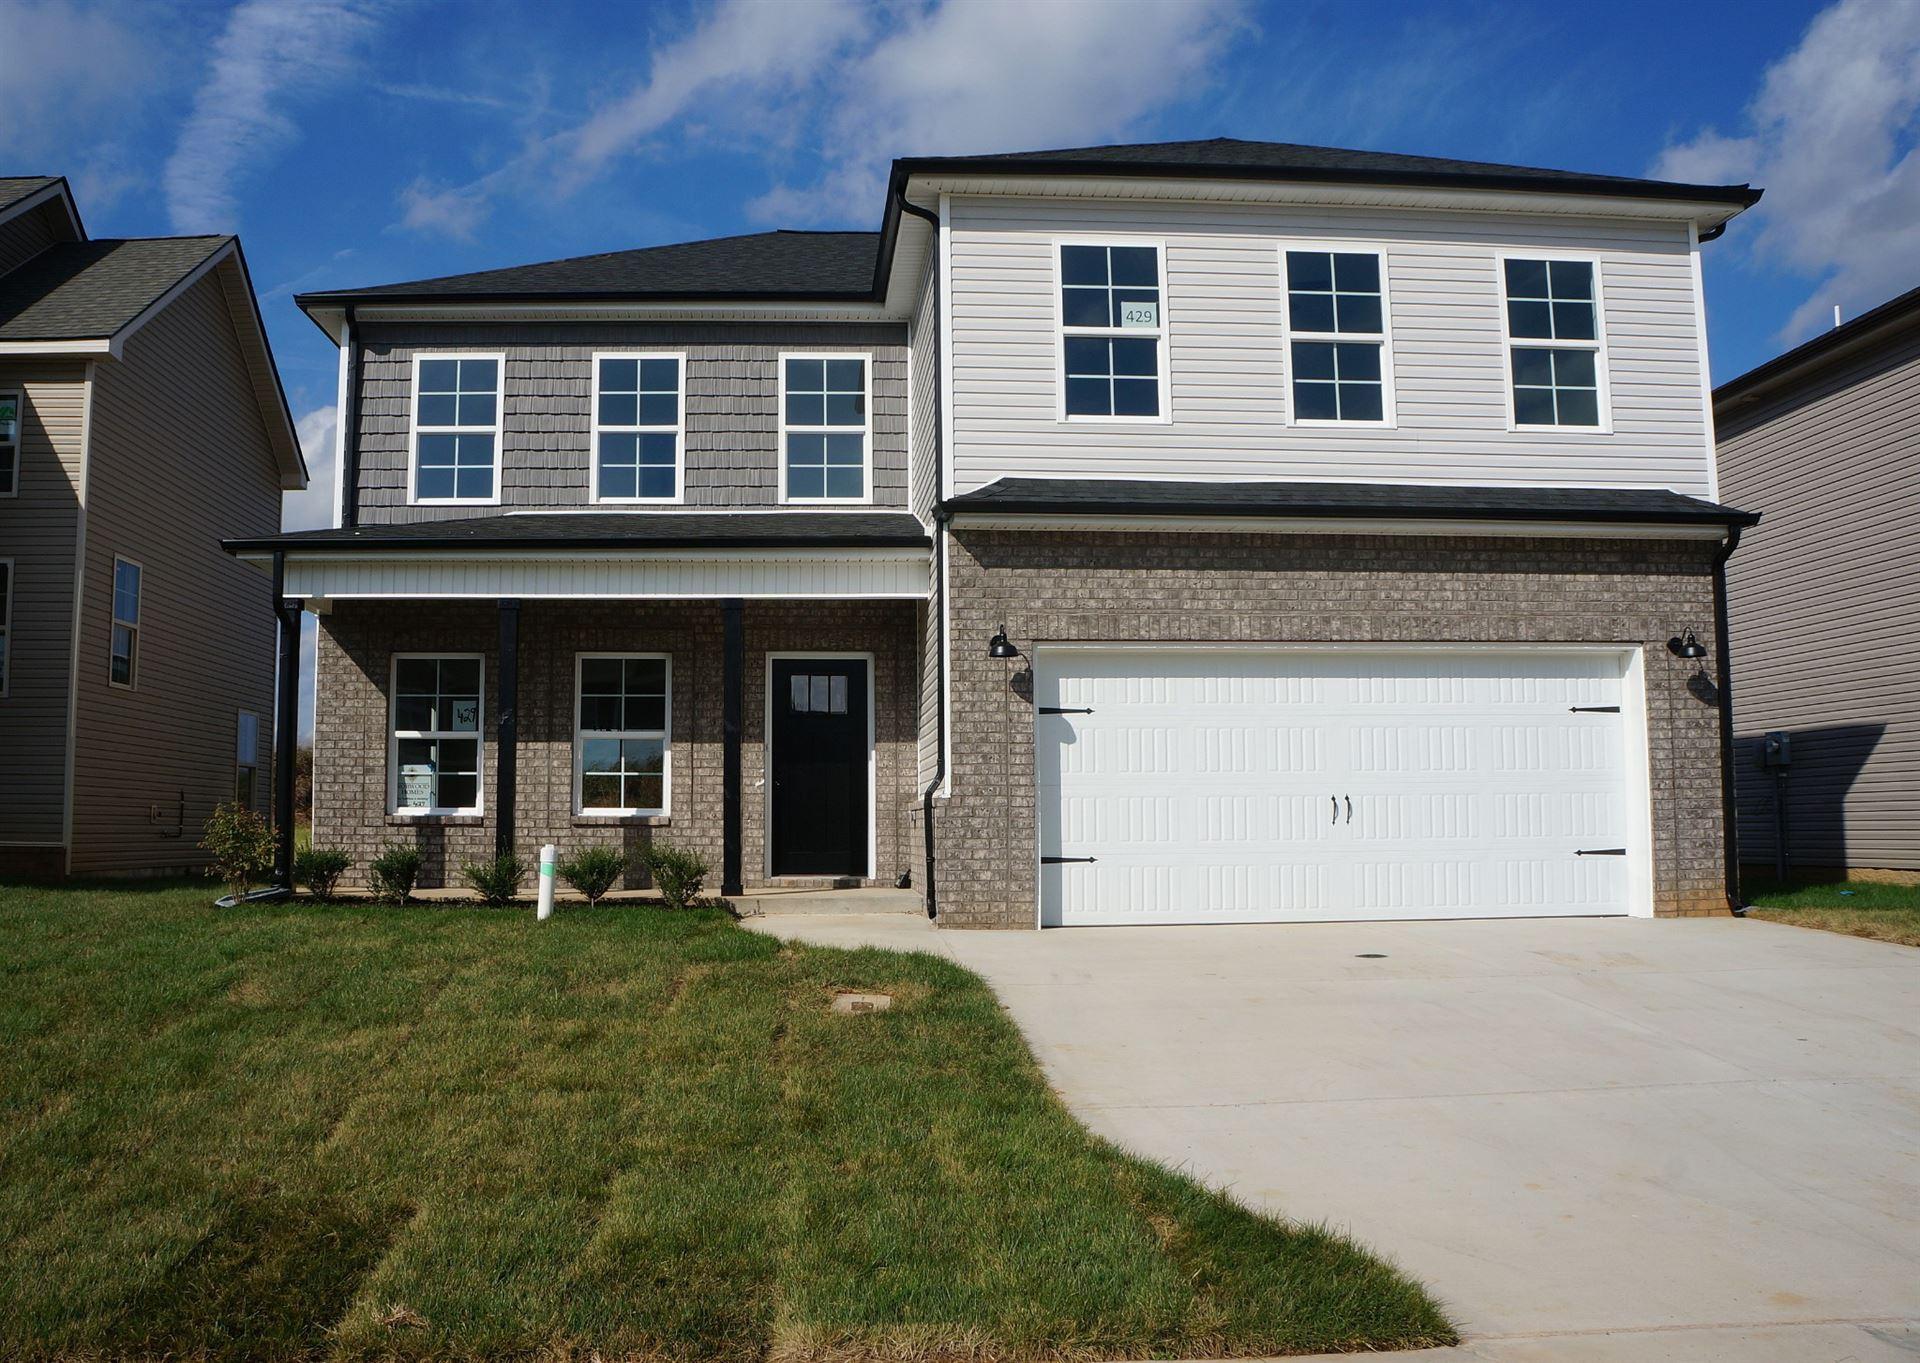 3284 Haymeadow Ln, Clarksville, TN 37040 - MLS#: 2263471